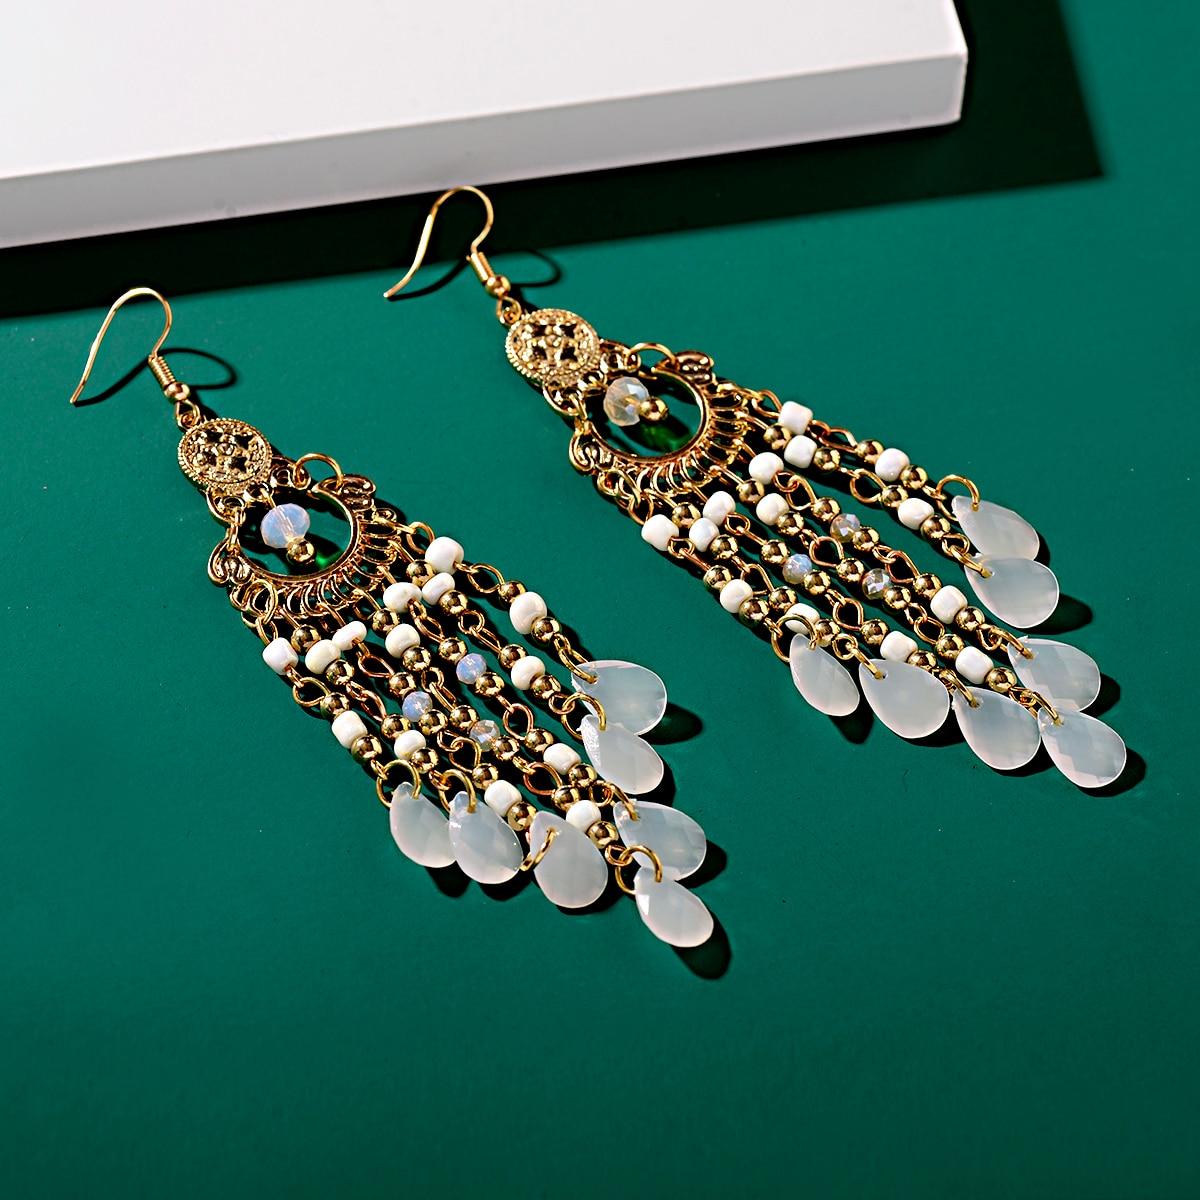 Classic Trendy Women's White Crystal Long Tassel Earrings 2019 Fashion Jewelry Bohemia Beads Wedding Earrings Hangers